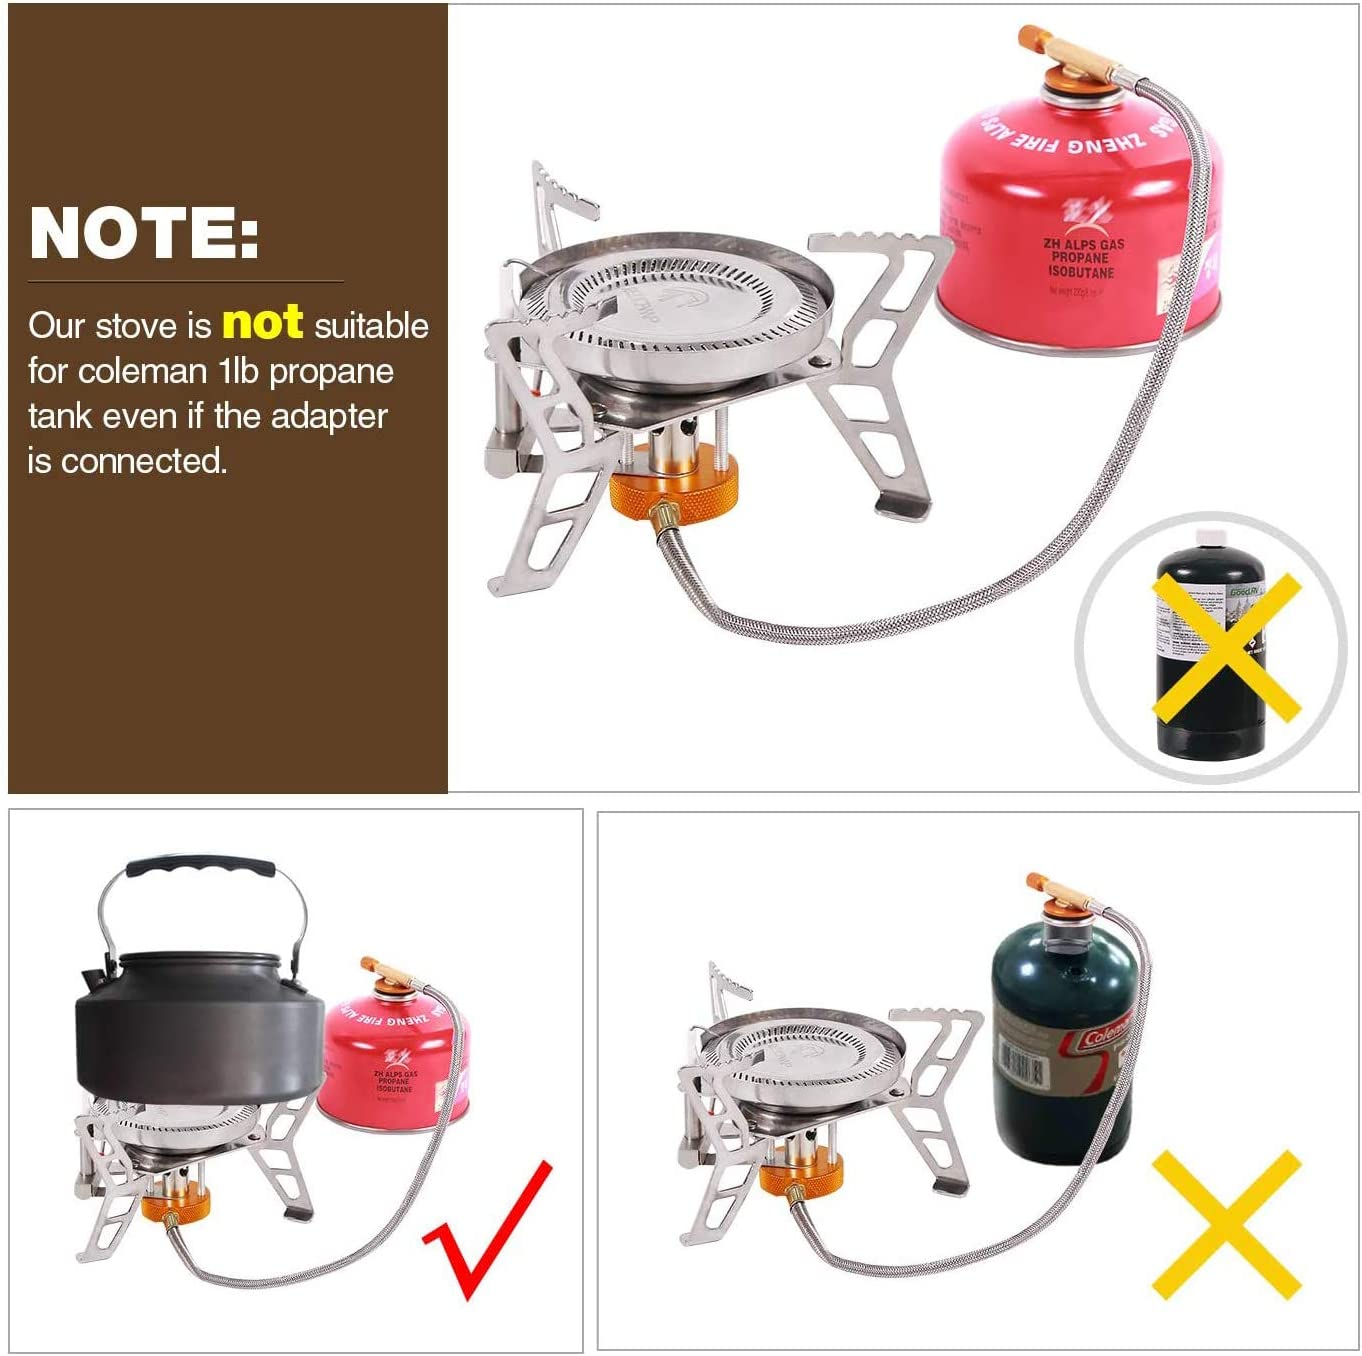 REDCAMP 3500W/4600W Estufa de gas a prueba de viento con encendido piezoeléctrico portátil, estufa de campamento para mochilero, senderismo, barbacoa, ...